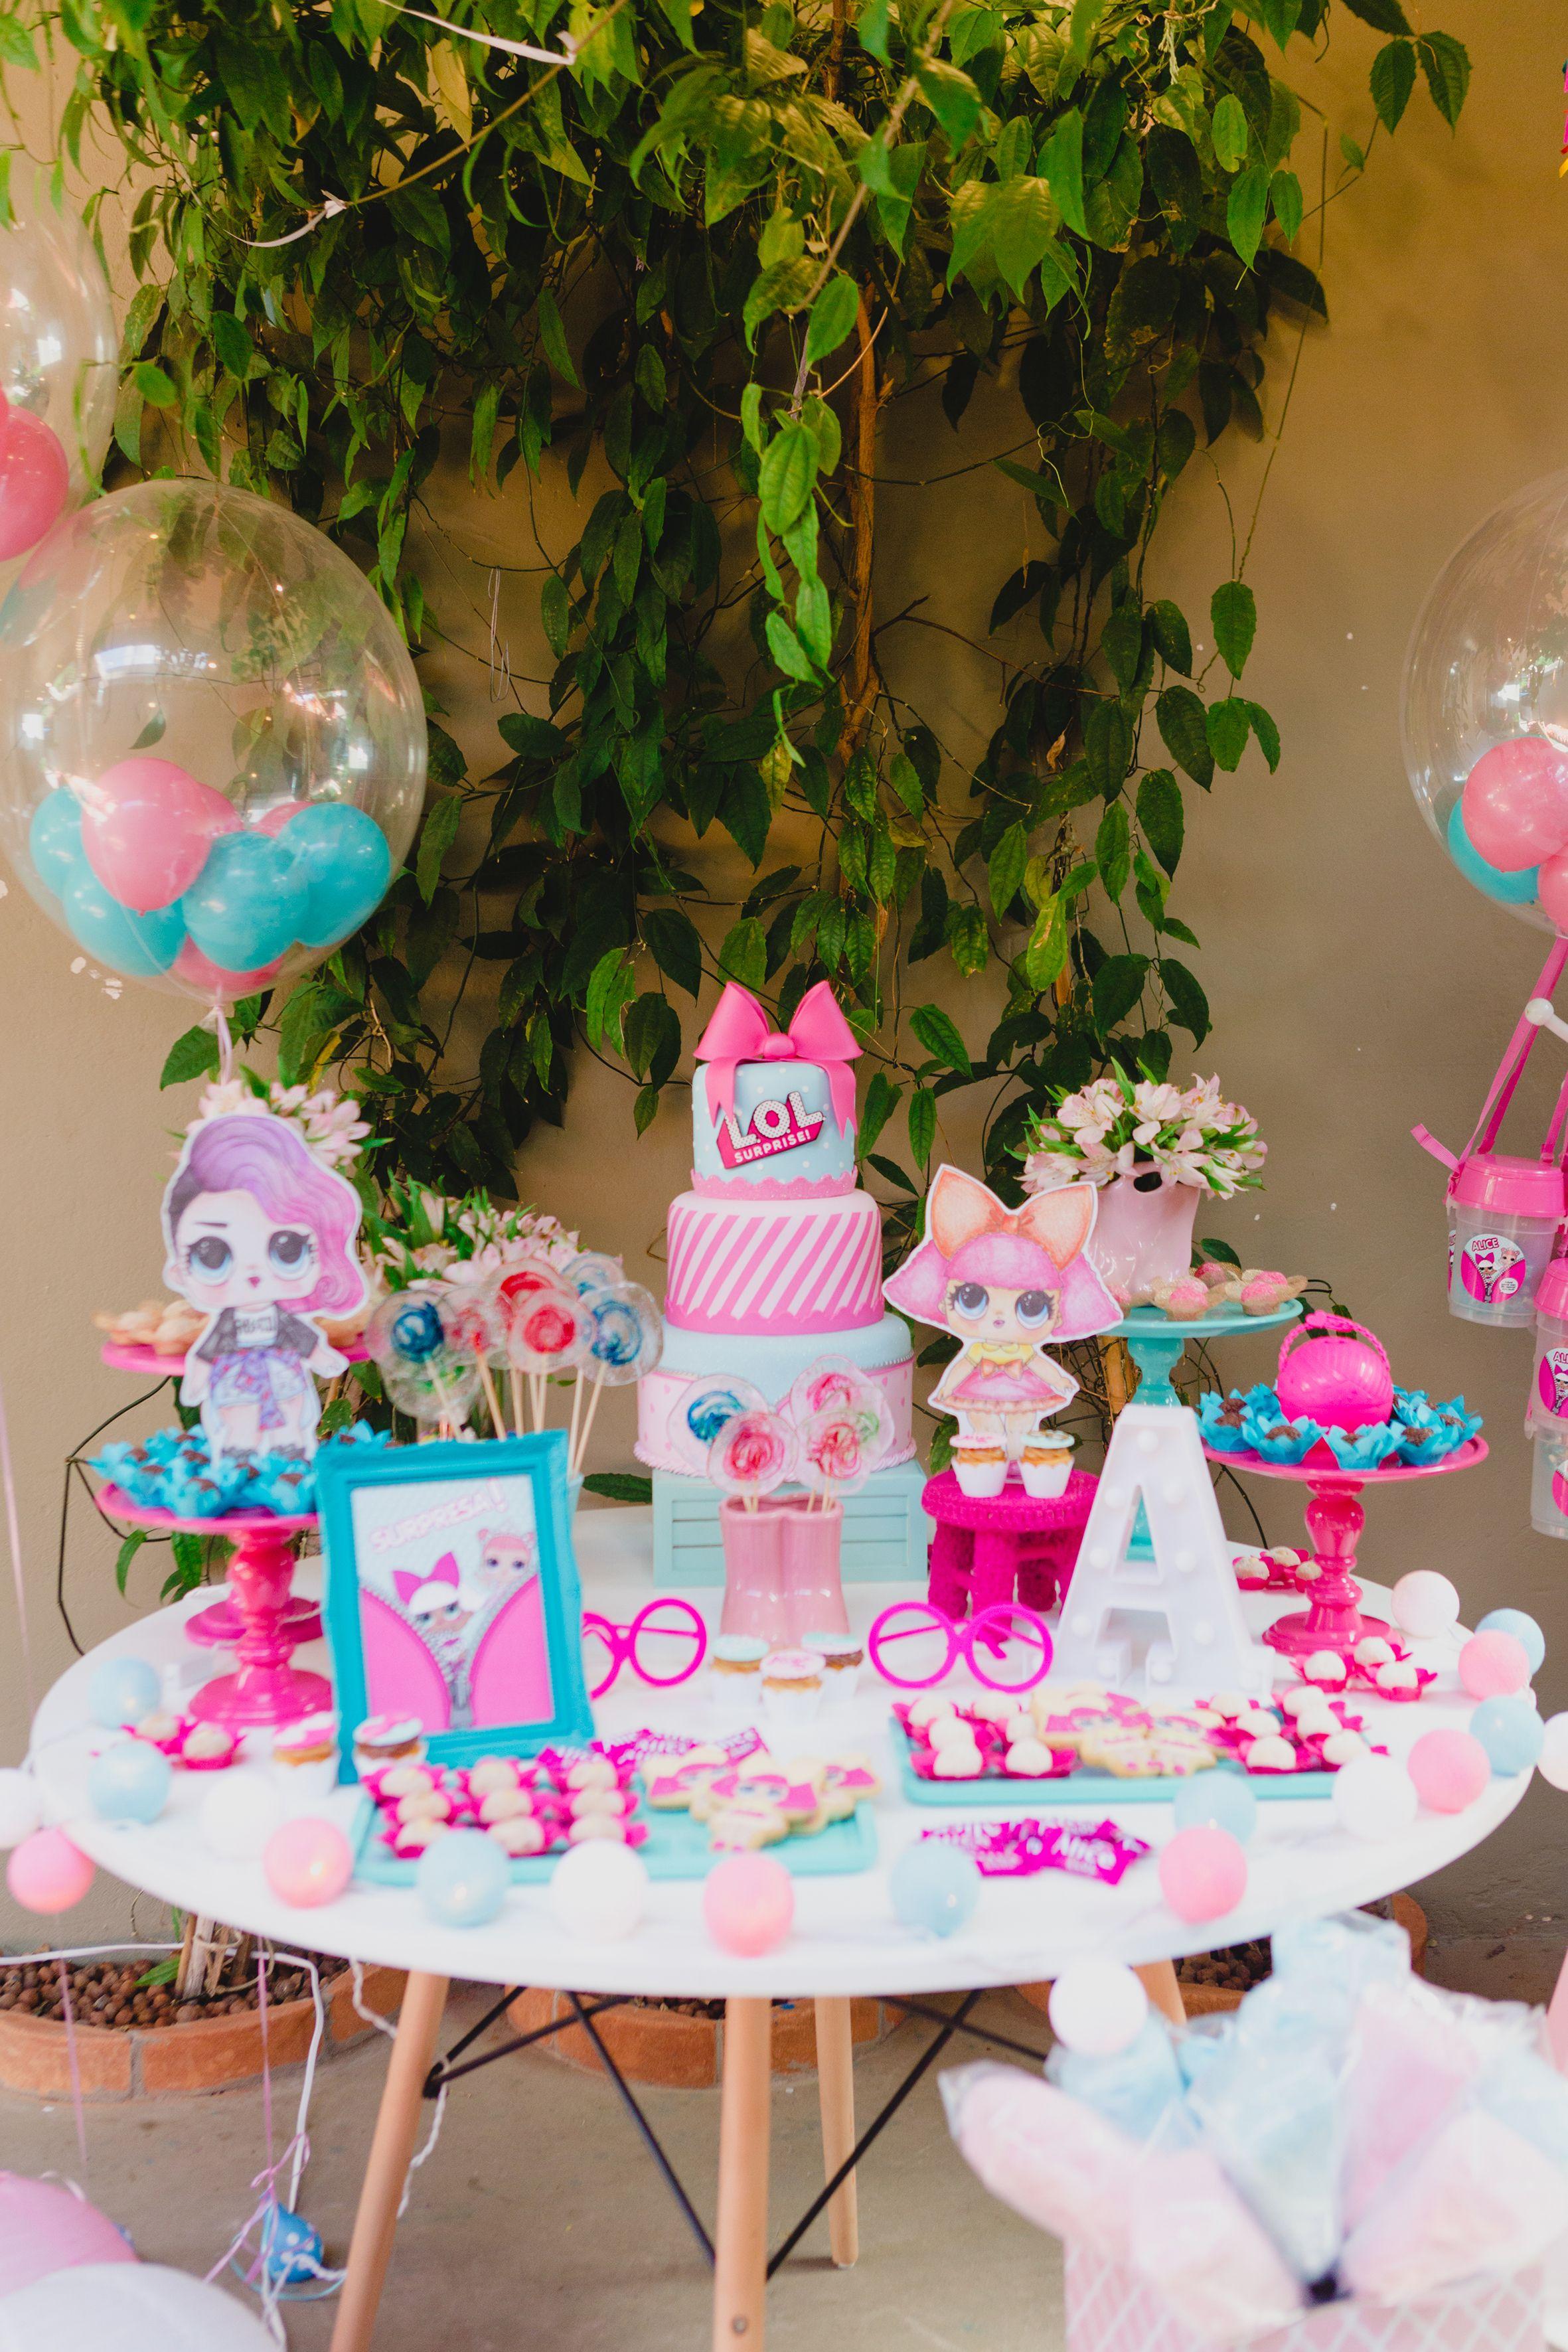 Decora o festa infantil lol surprise por festaria da lu foto criativo infantil natan passos - Ideas de decoracion baratas ...